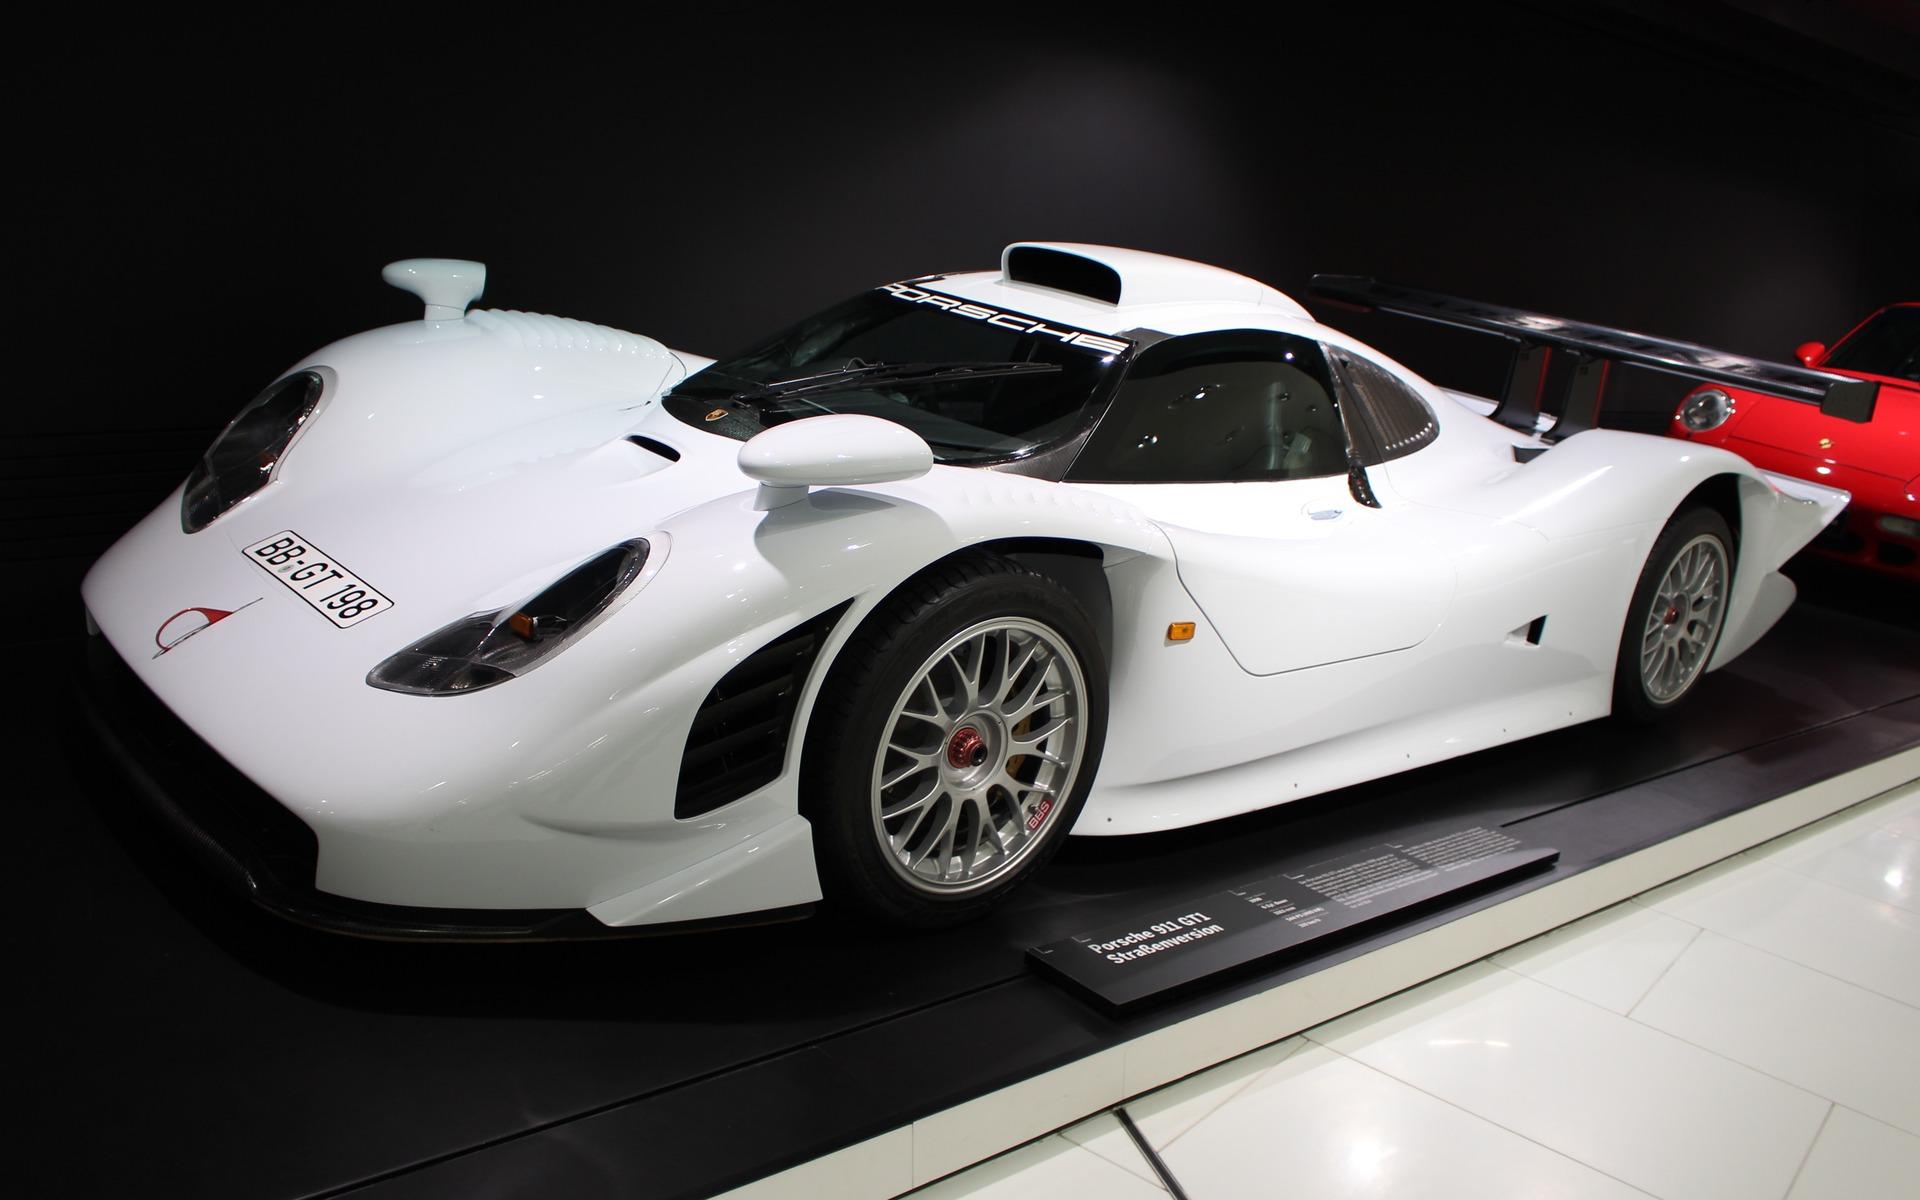 311746_Musee_Porsche_les_voitures_de_route Terrific Porsche 911 Gt1 98 Road Car Cars Trend